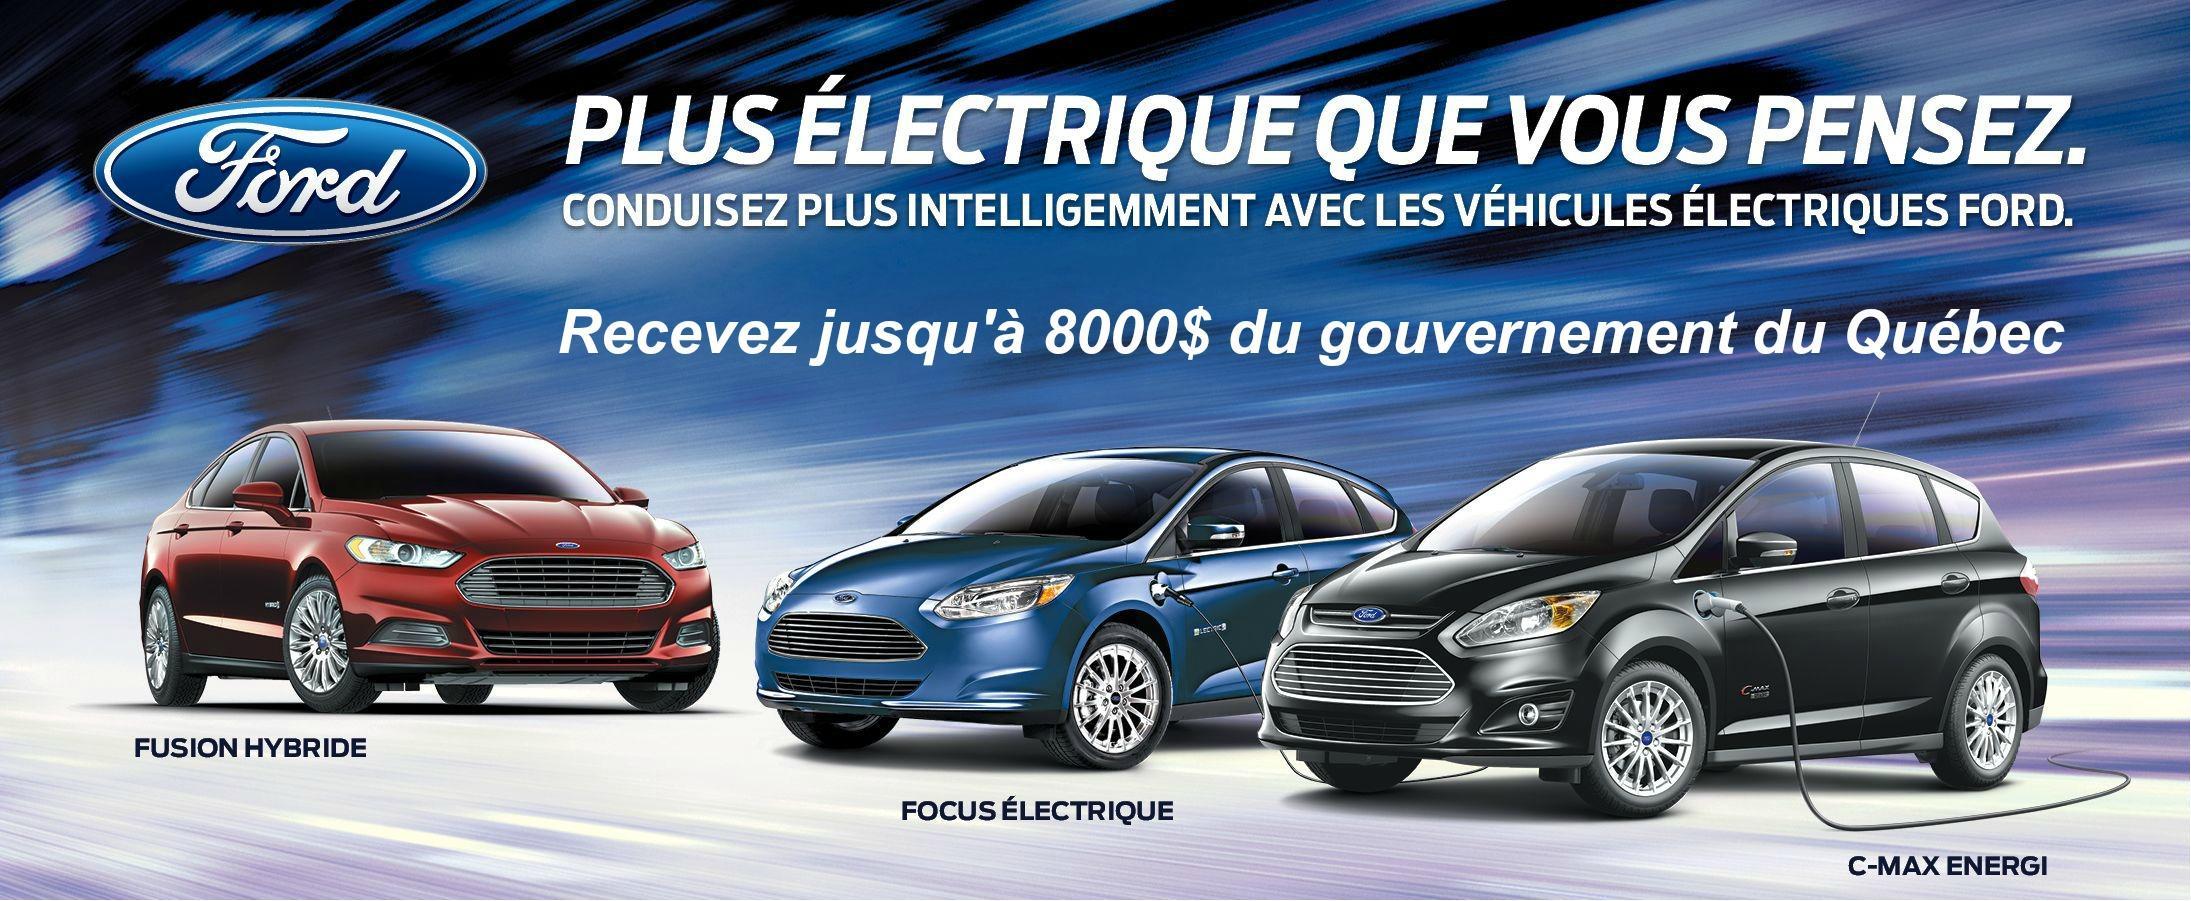 ford fusion c-max focus hybride electrique energi 8000$